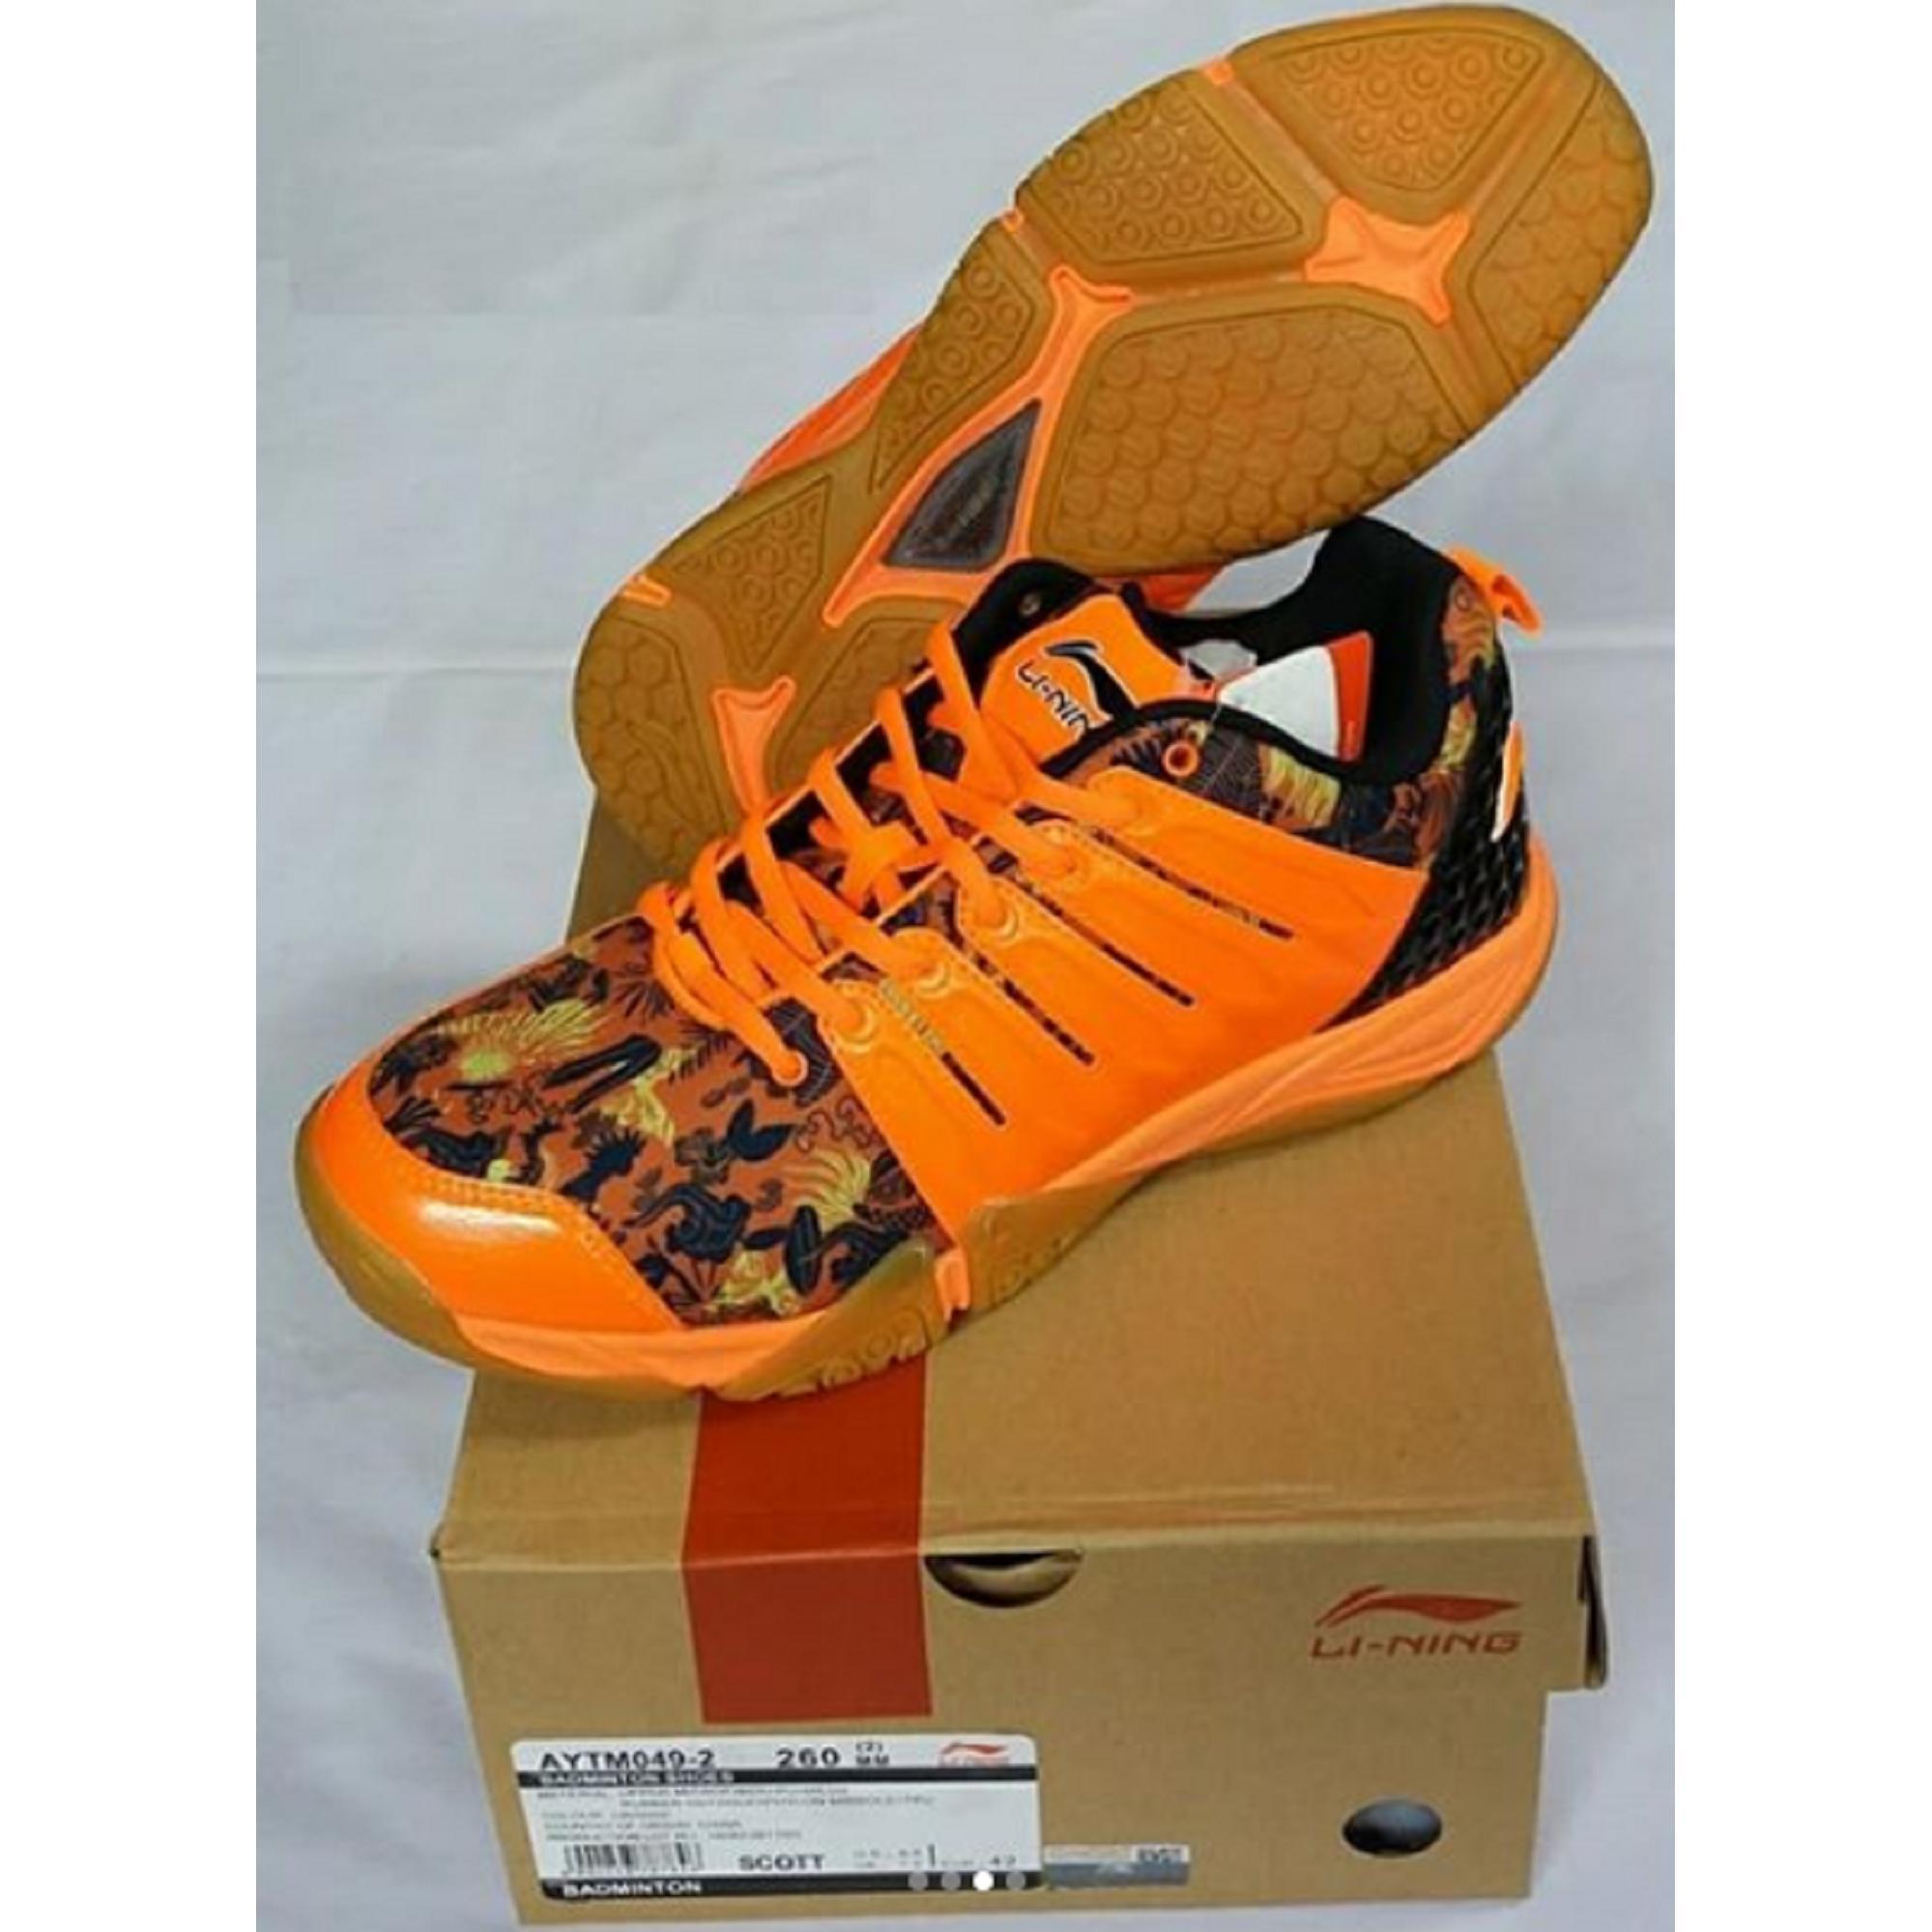 Sepatu Lining SCOTT AYTM049 BADMINTON SHOES MURAH DISKON OBRAL SALE JUAL PERLENGKAPAN BULUTANGKIS ADHA SPORT